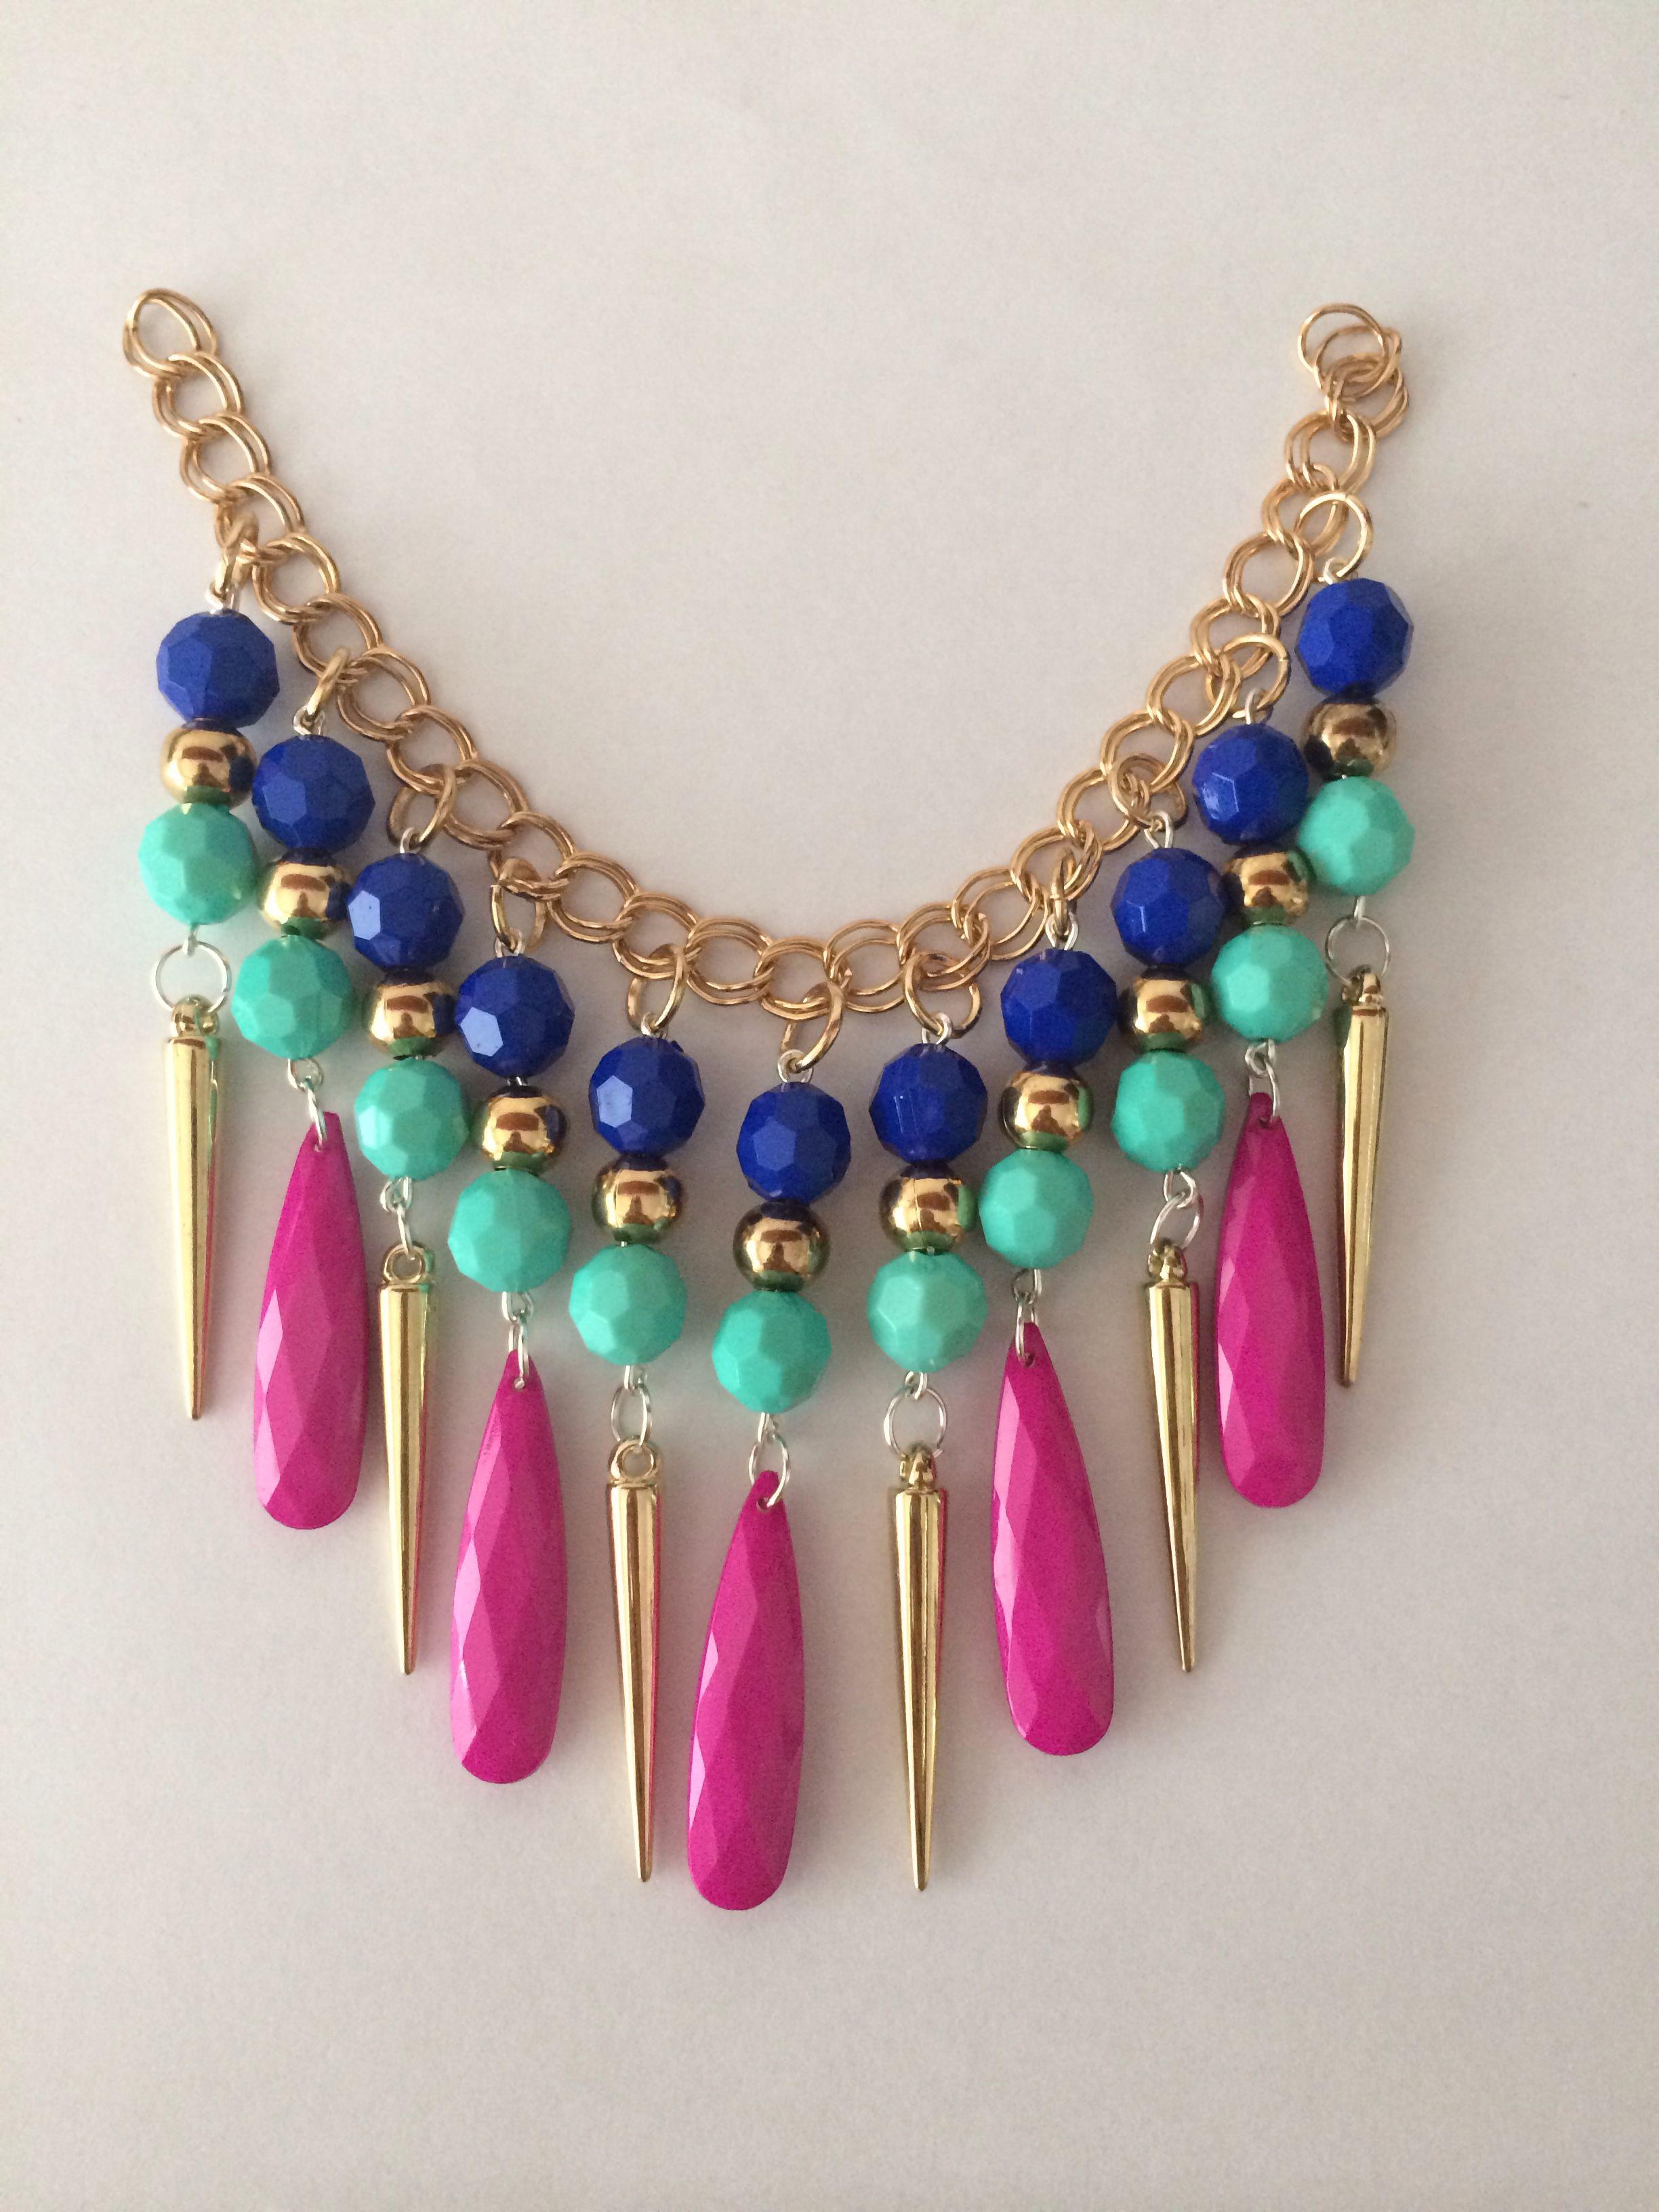 6682a9293dfe Lindo collar colorido❤